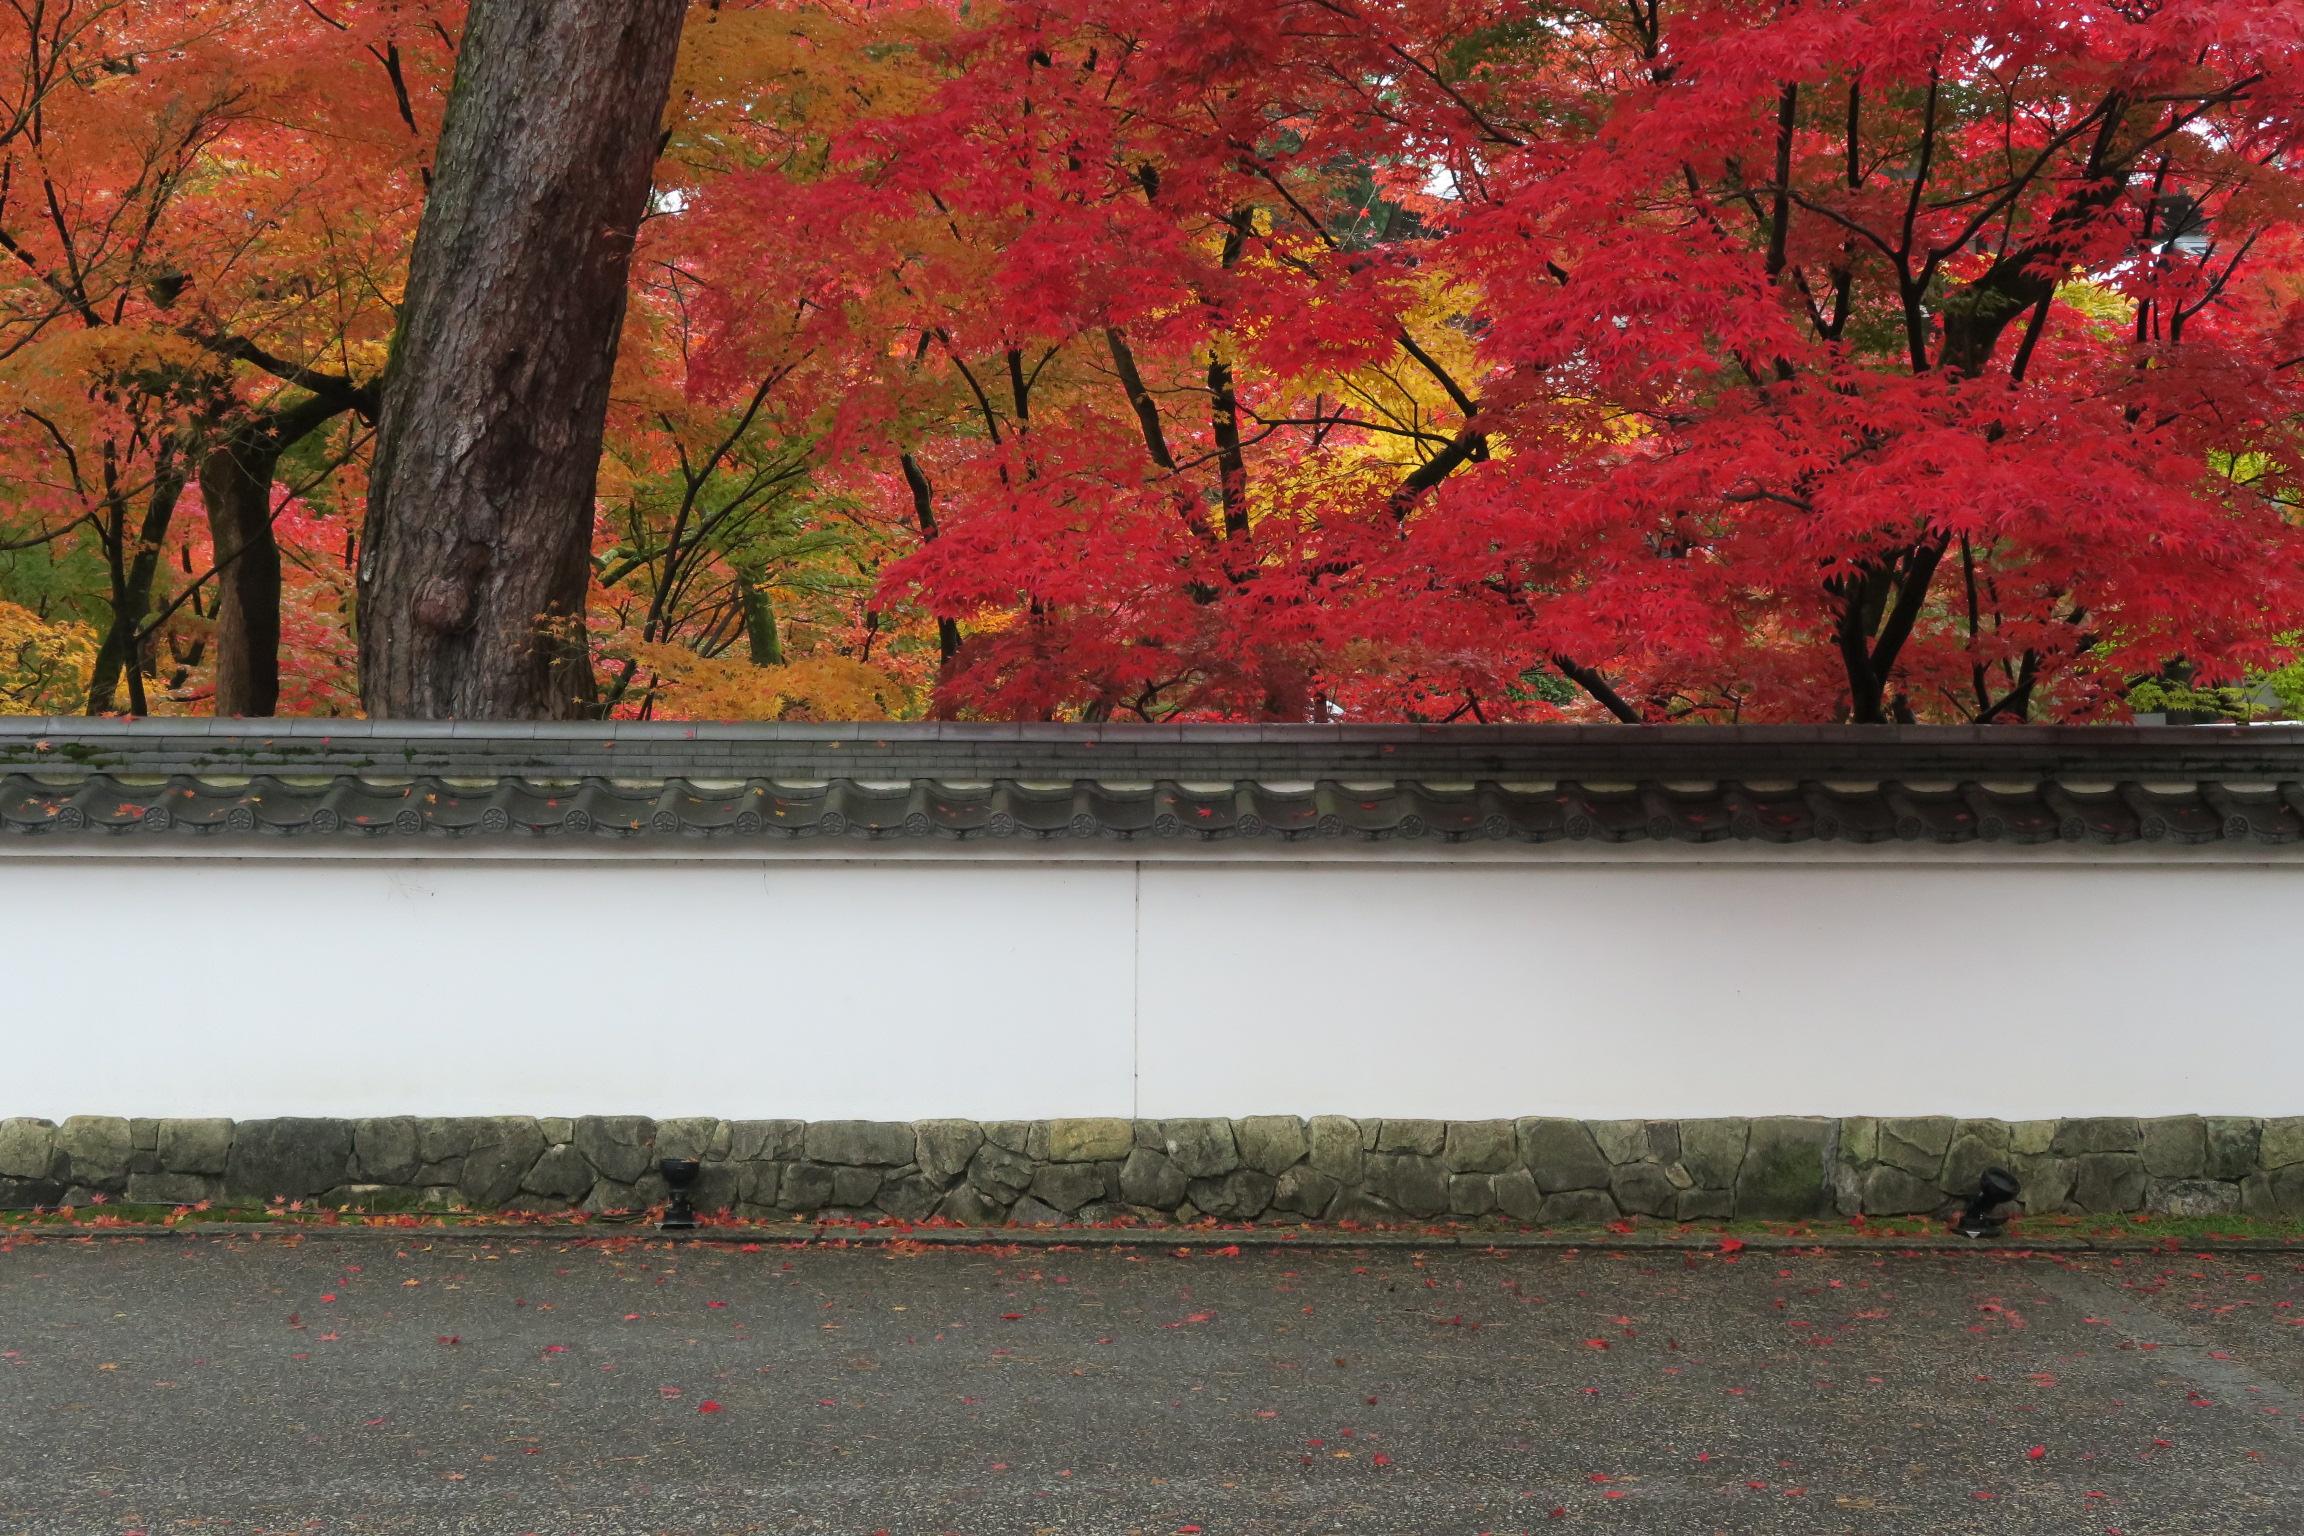 人気の理由がわかりますね。。。今日は南禅寺の天授庵に向かいますが、来年は永観堂かな。